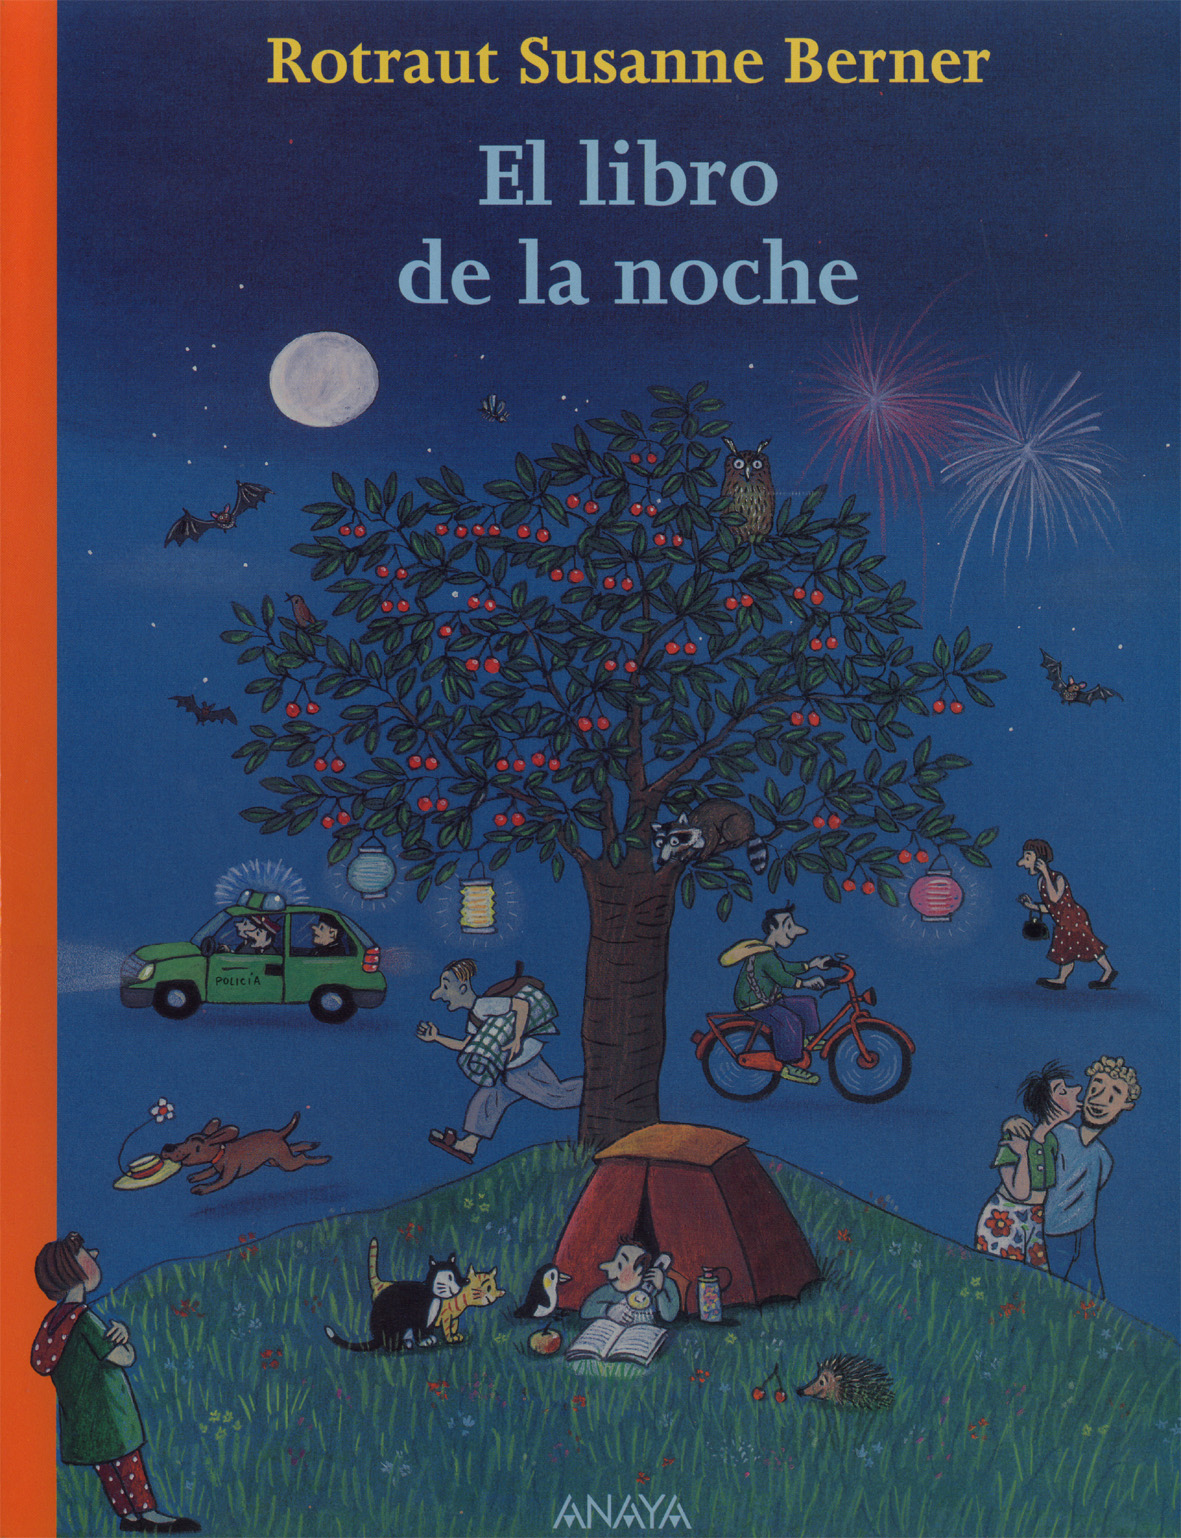 Libro infantil: El libro de la noche, Rotraut Susanne Berner